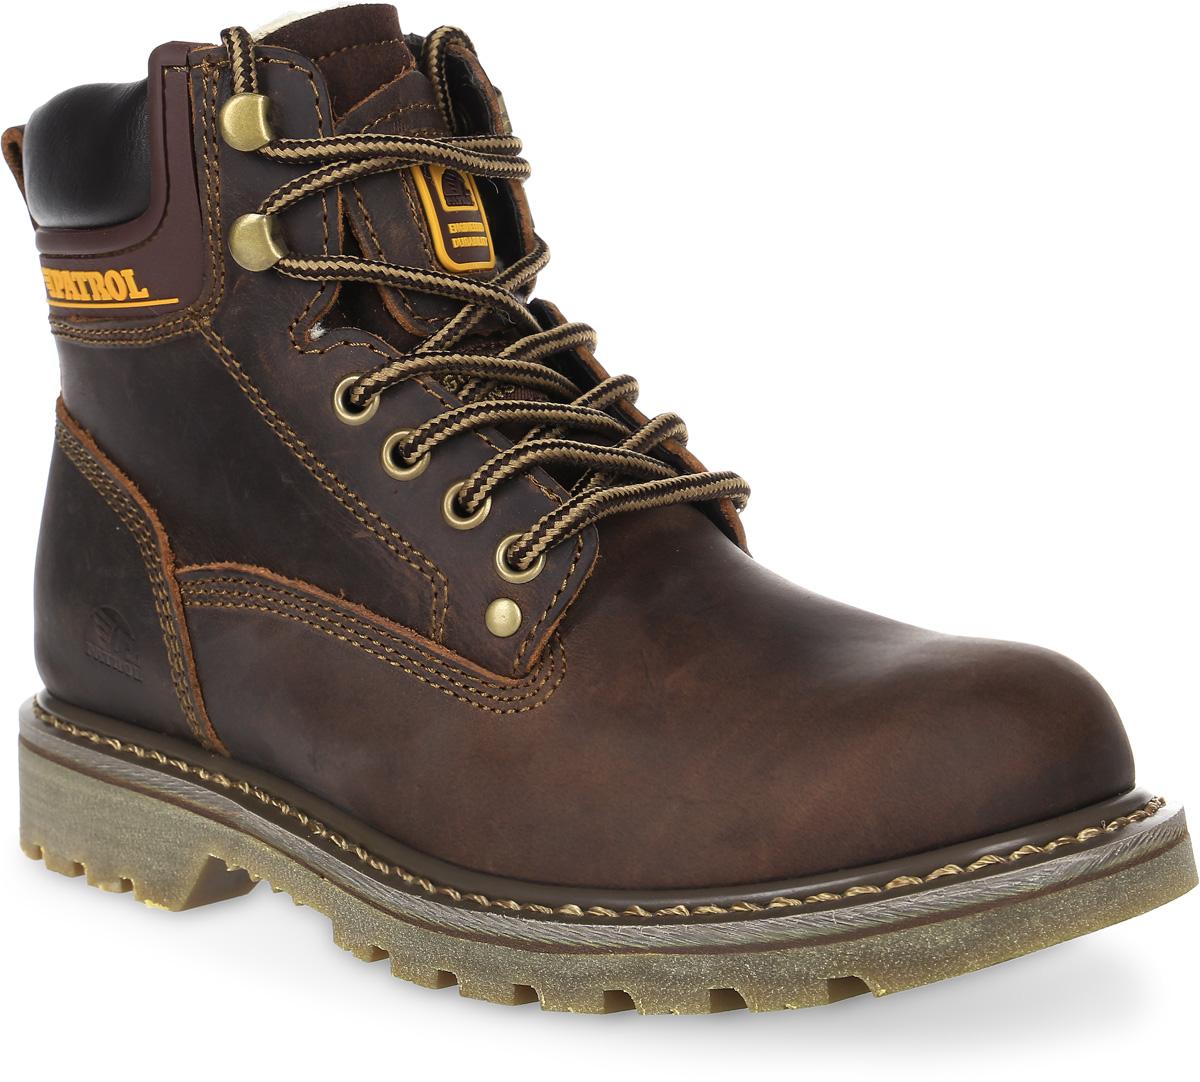 Ботинки для мальчика Patrol, цвет: темно-коричневый. 756-313M-17w-1-6. Размер 39756-313M-17w-1-6Уютные и теплые ботинки для мальчика от Patrol выполнены из натуральной кожи. Подкладка и стелька, выполненные из натурального меха, обеспечивают отличную амортизацию и максимальный комфорт. Подошва с протектором гарантирует идеальное сцепление на любой поверхности. Ботинки на ноге фиксируются при помощи классической шнуровки.